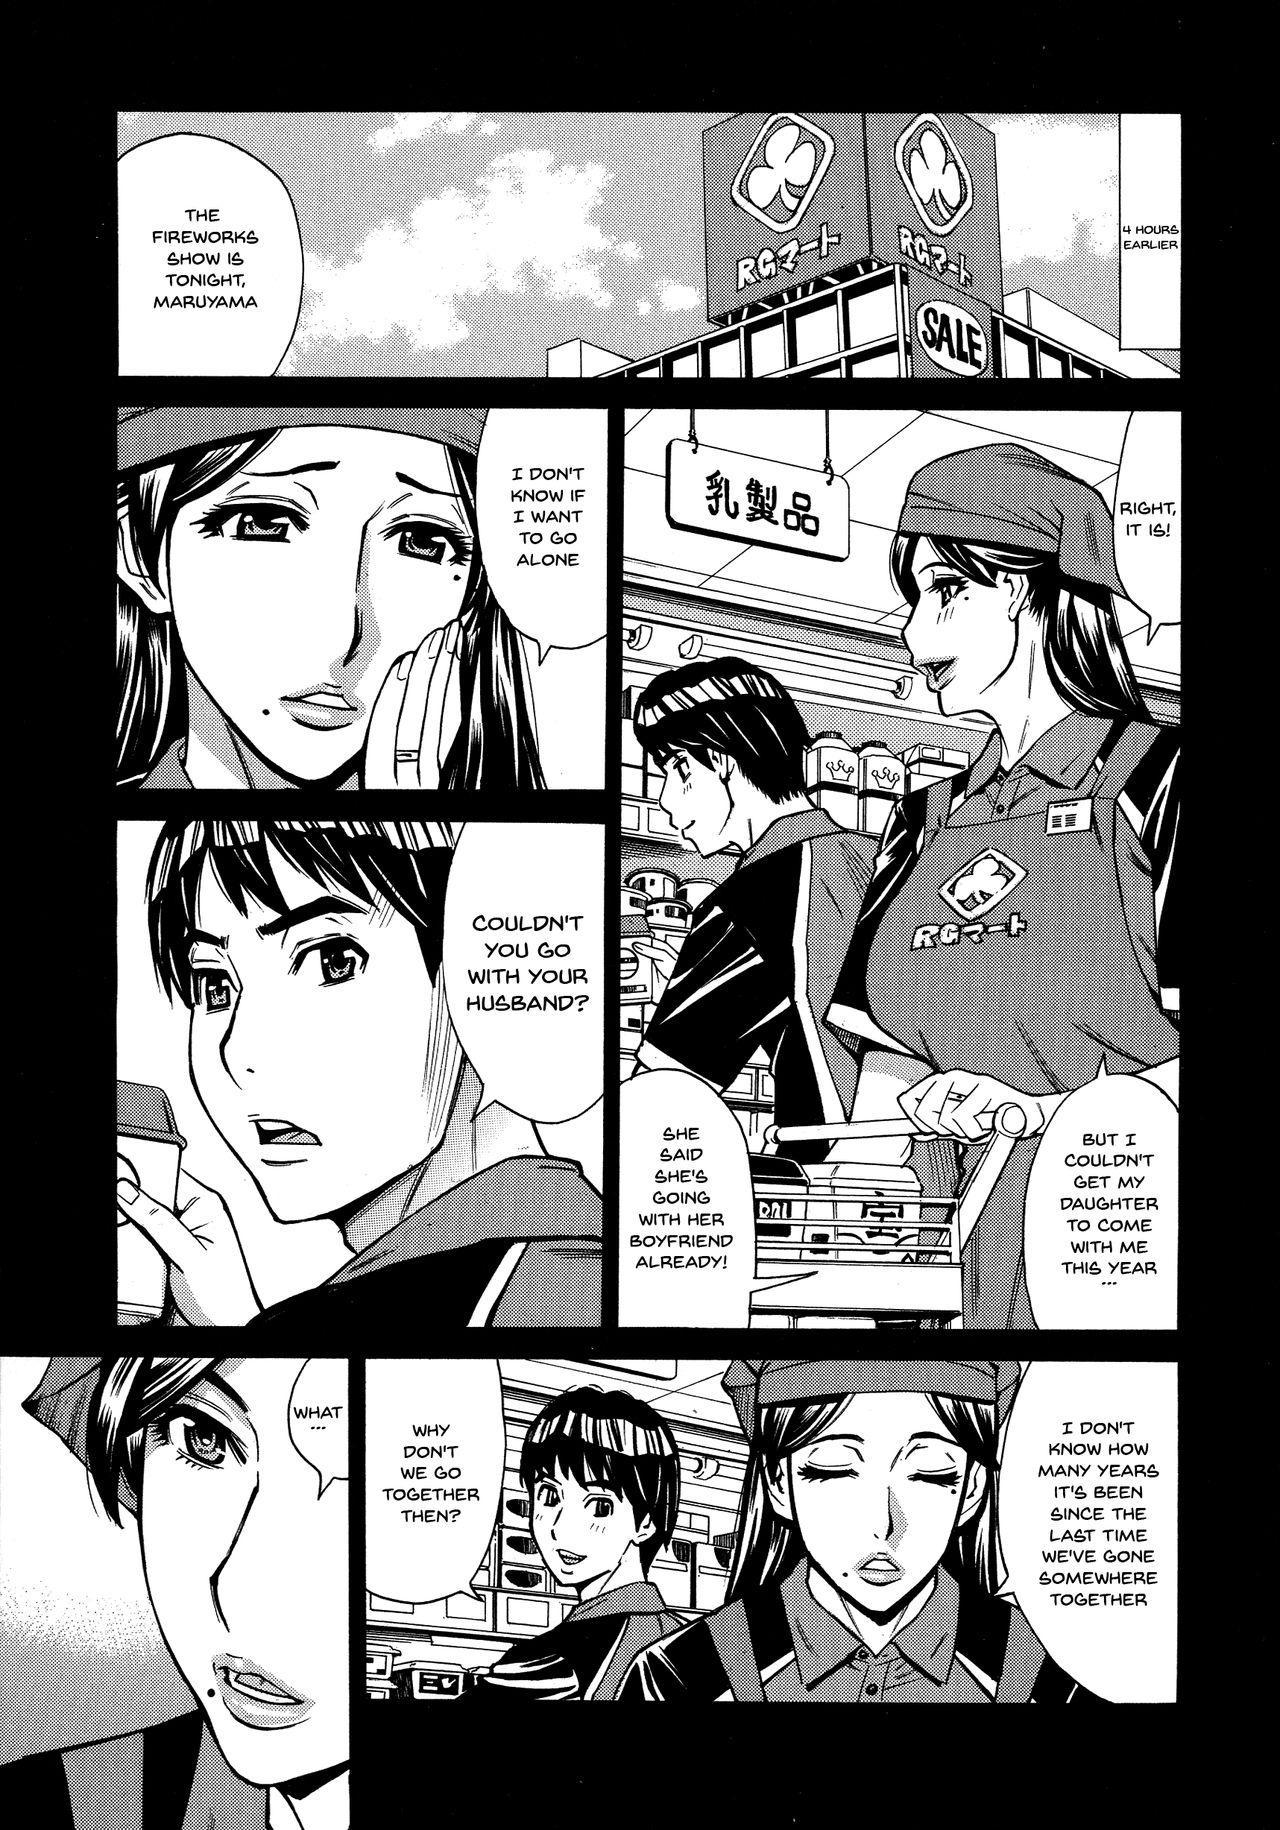 [Makibe Kataru] Hitozuma Koi Hanabi ~Hajimete no Furin ga 3P ni Itaru made~ Ch.1-9 [English] {Doujins.com} 7